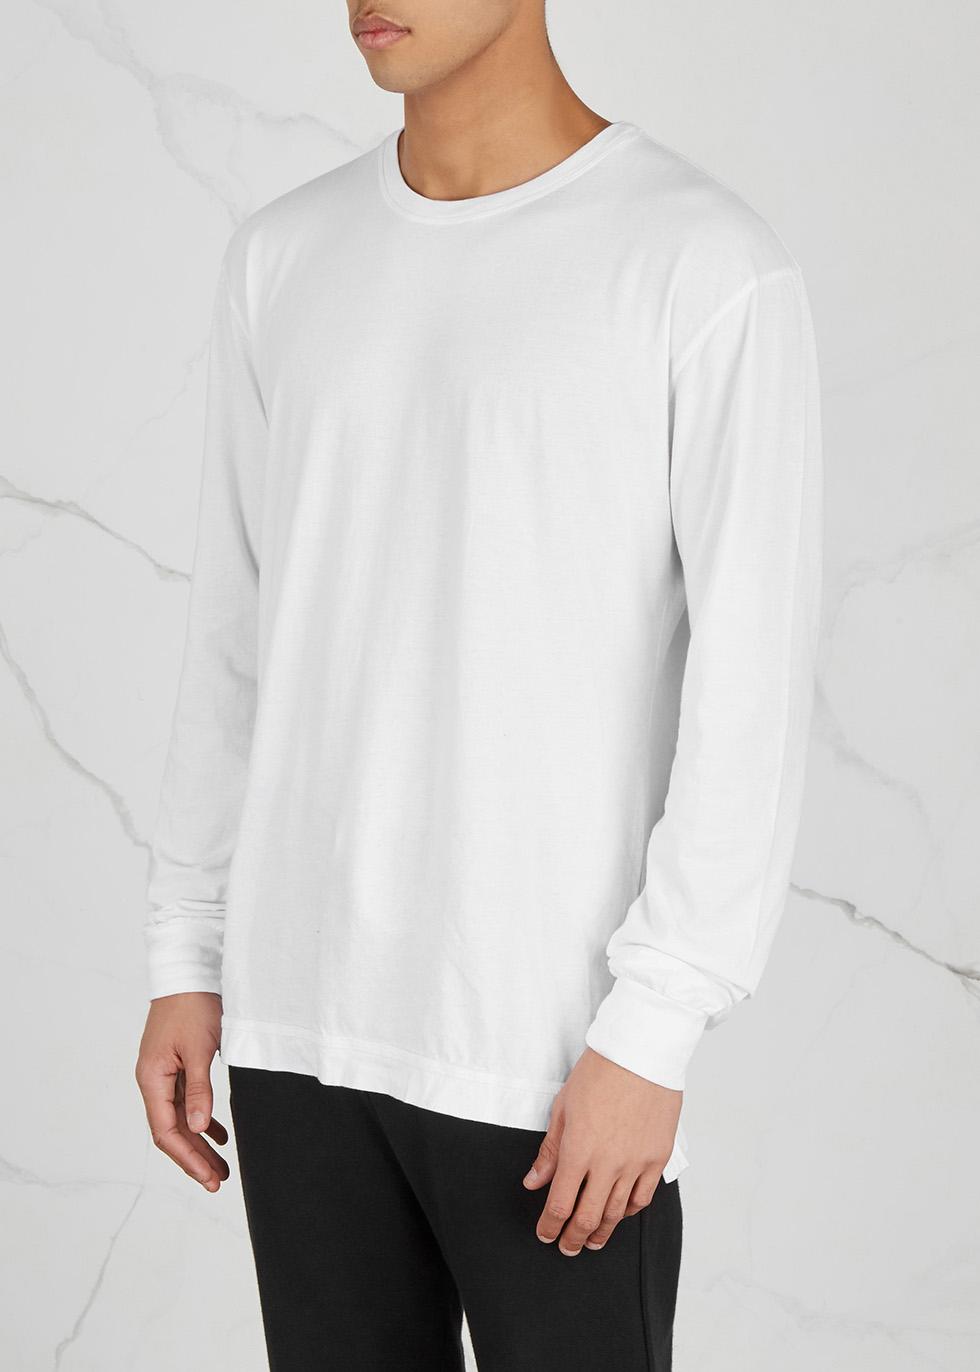 Mercer white Supima cotton blend top - John Elliott